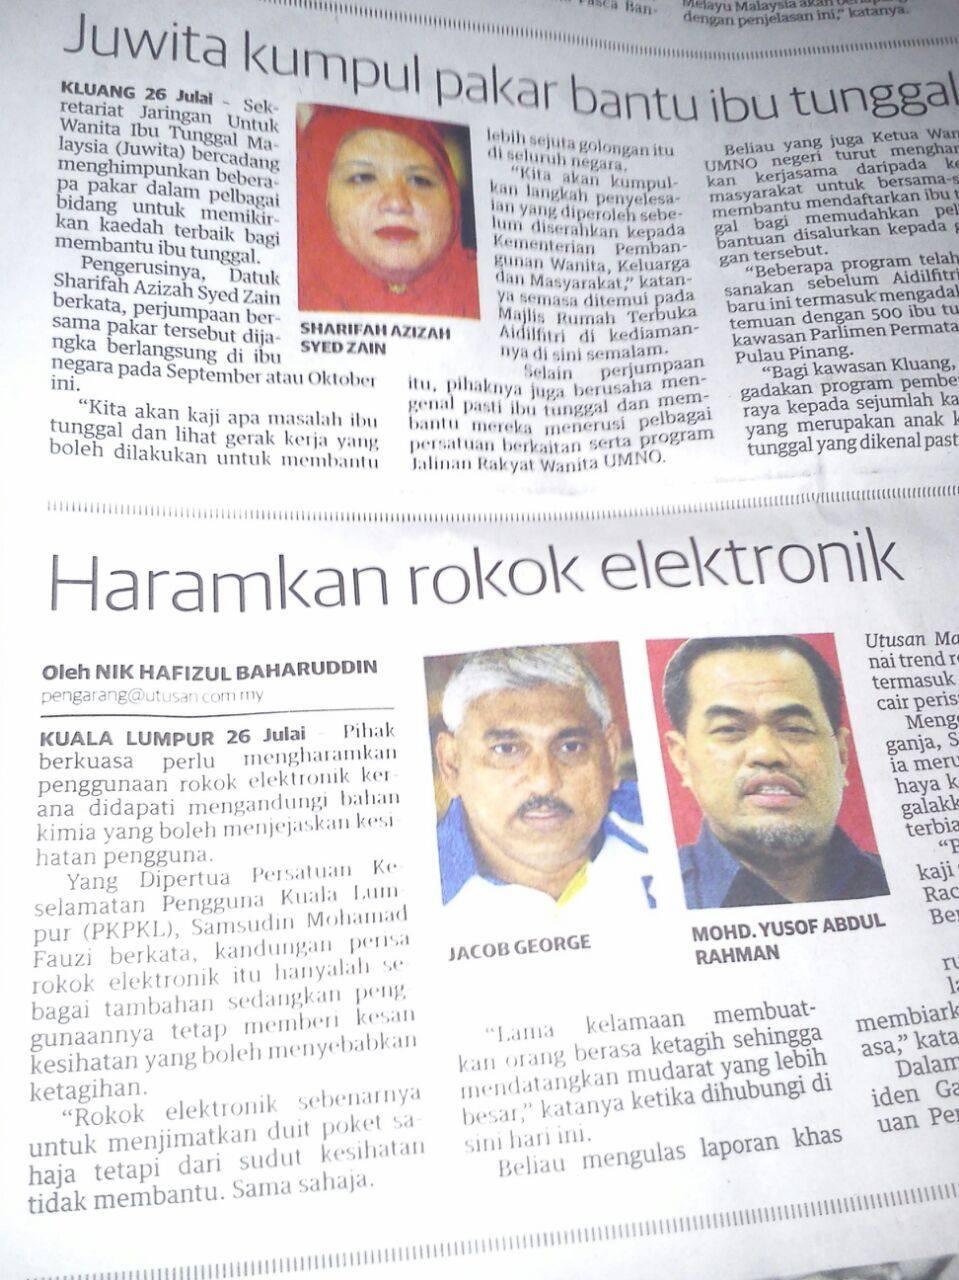 ROKOK ELEKTRONIK DIHARAMKAN !